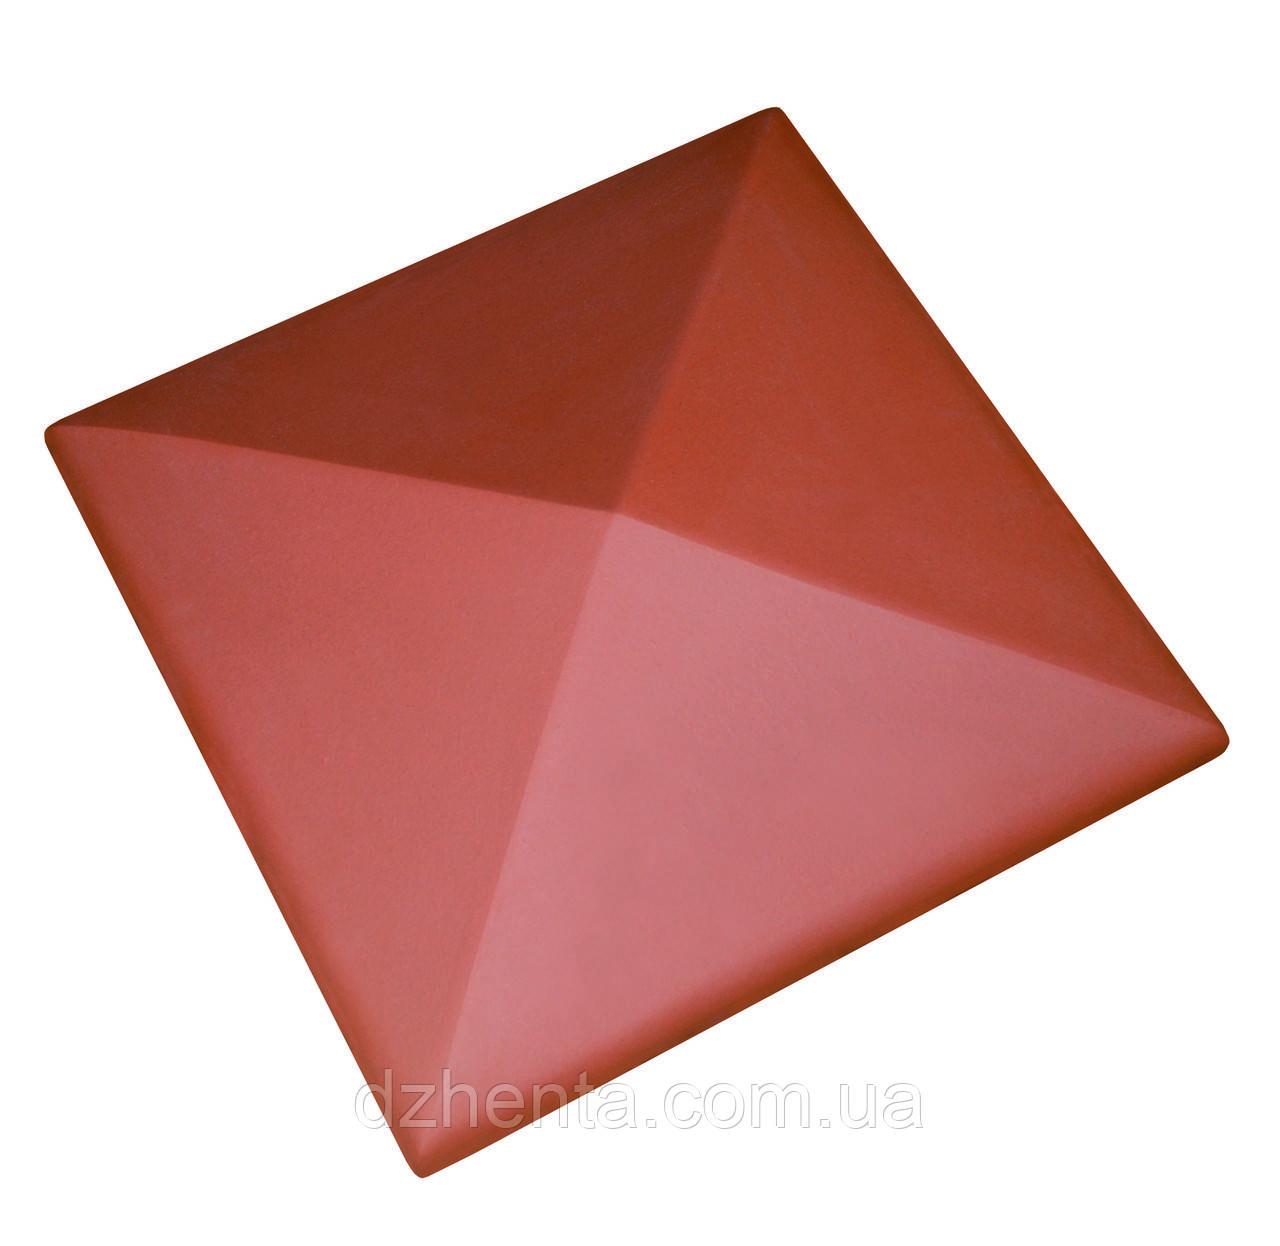 Клинкерная накрывка красная 445*445